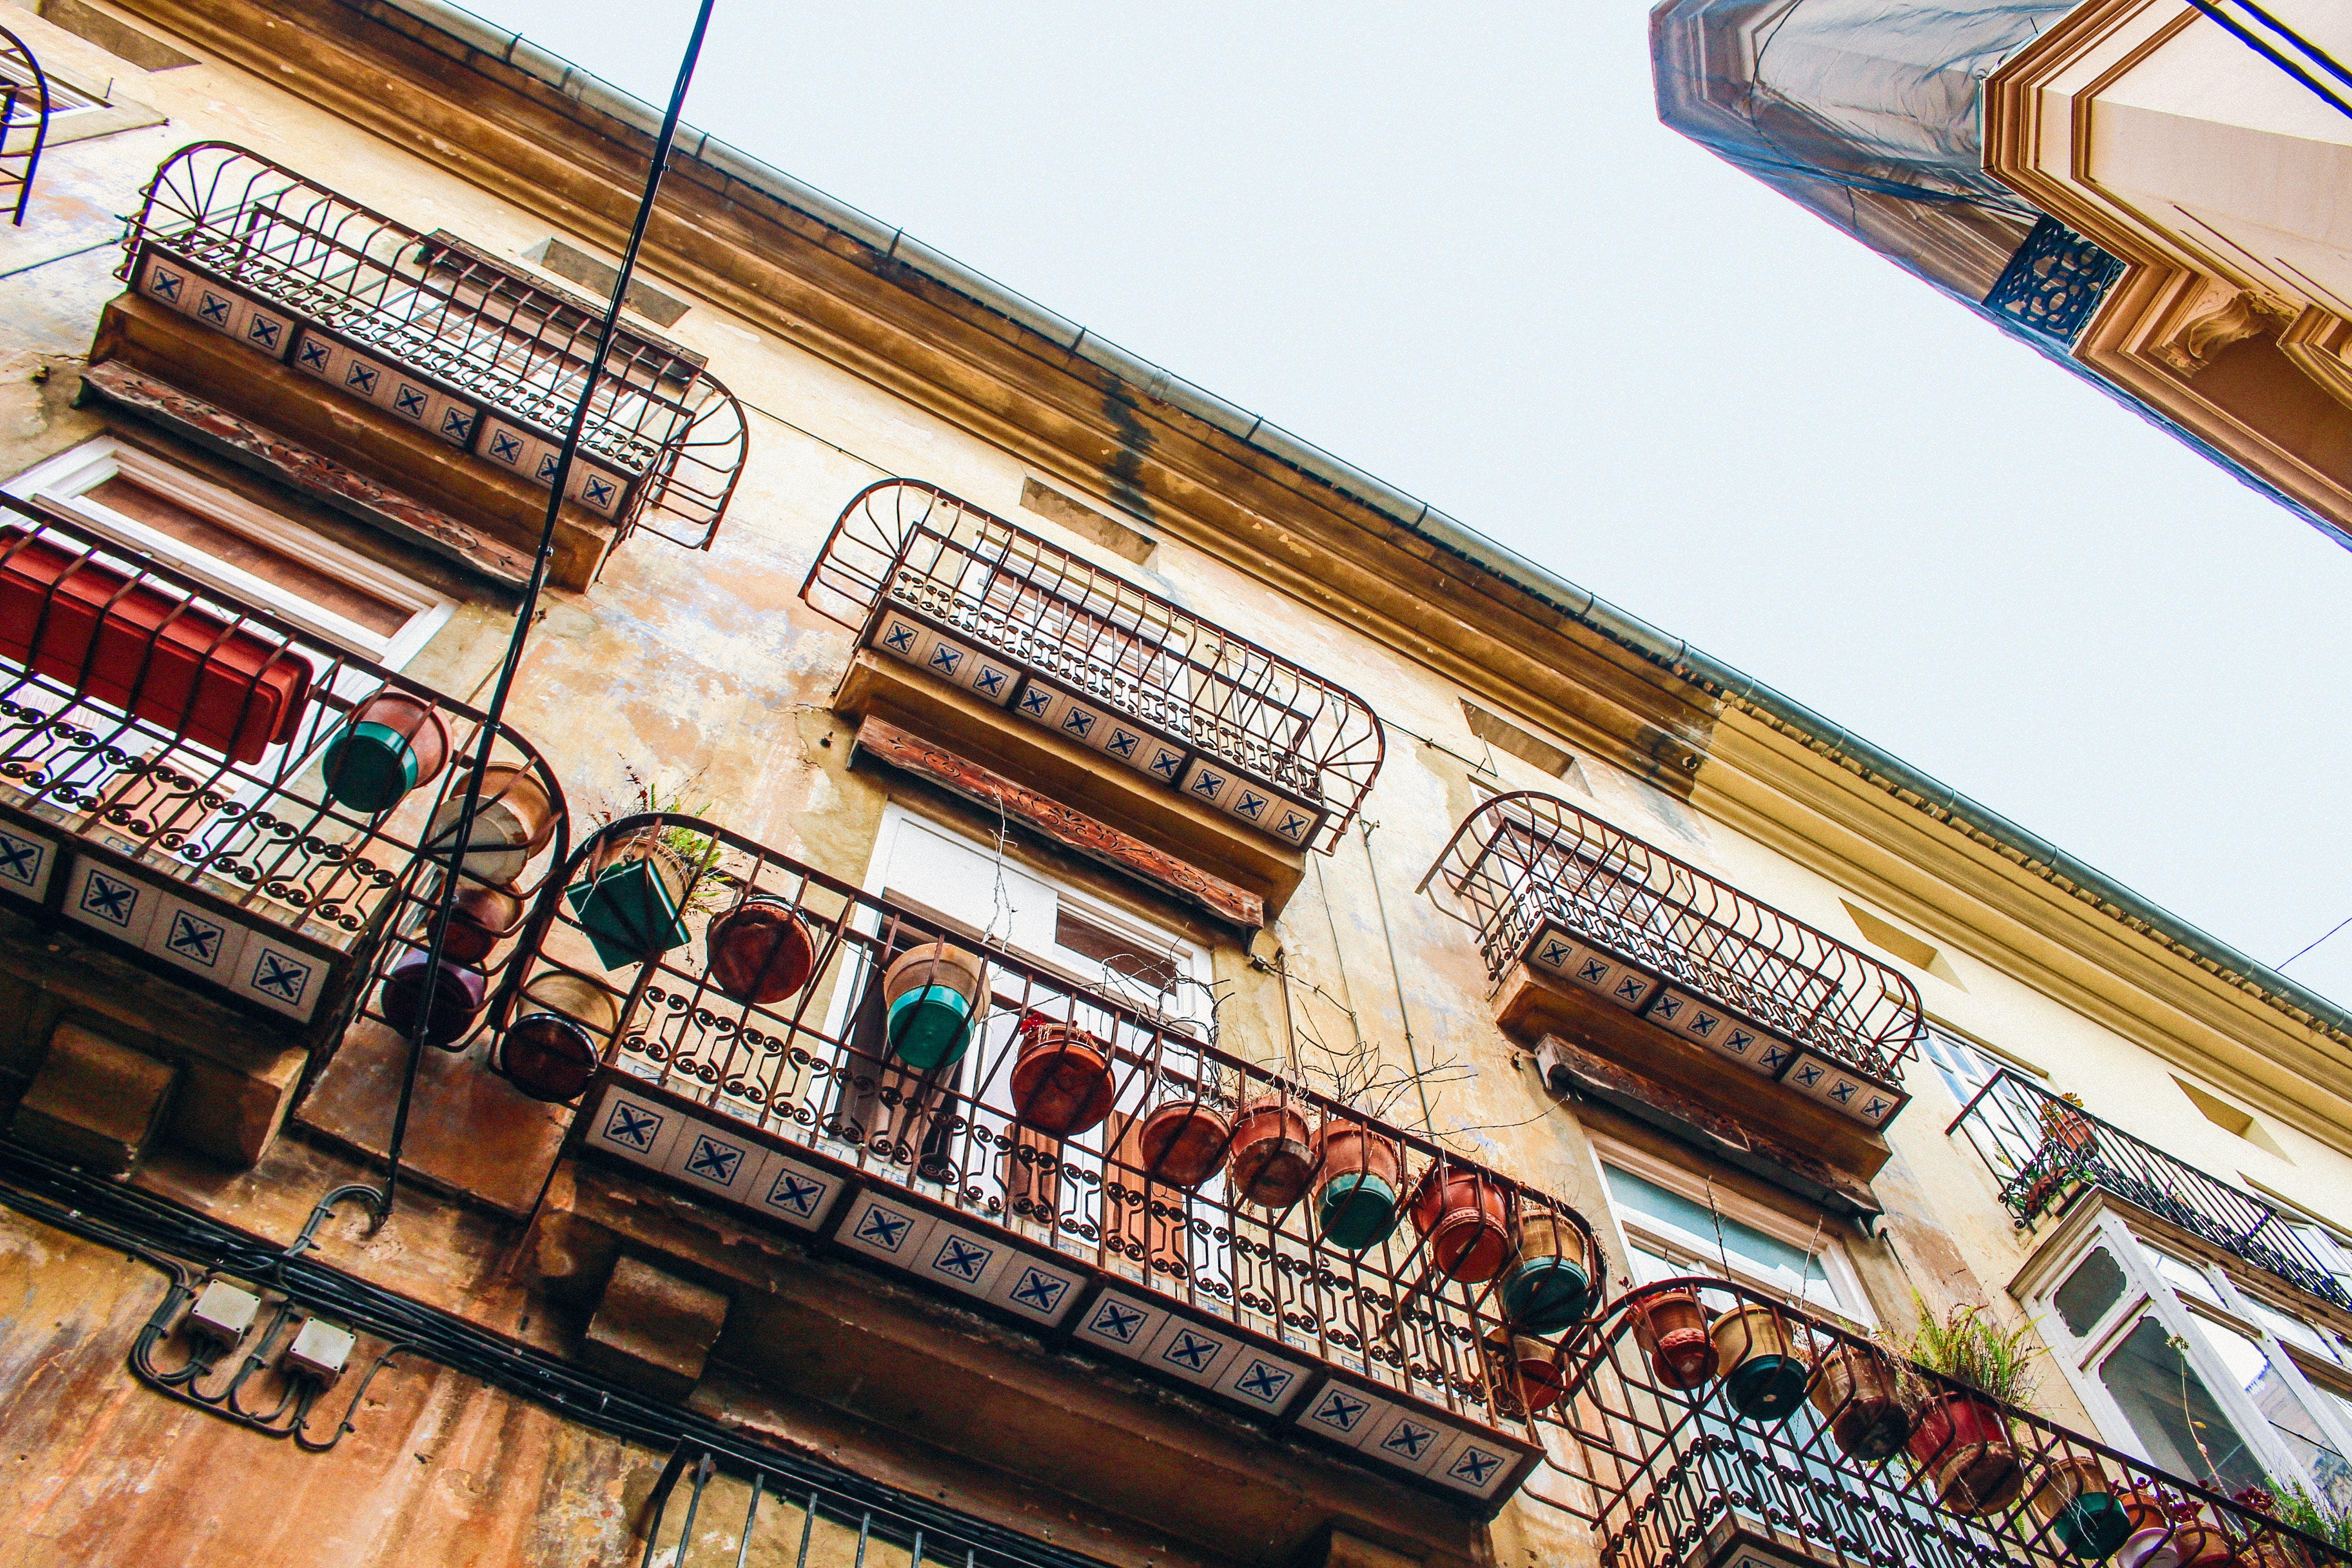 건축, 로우앵글 샷, 원근감, 창문의 무료 스톡 사진